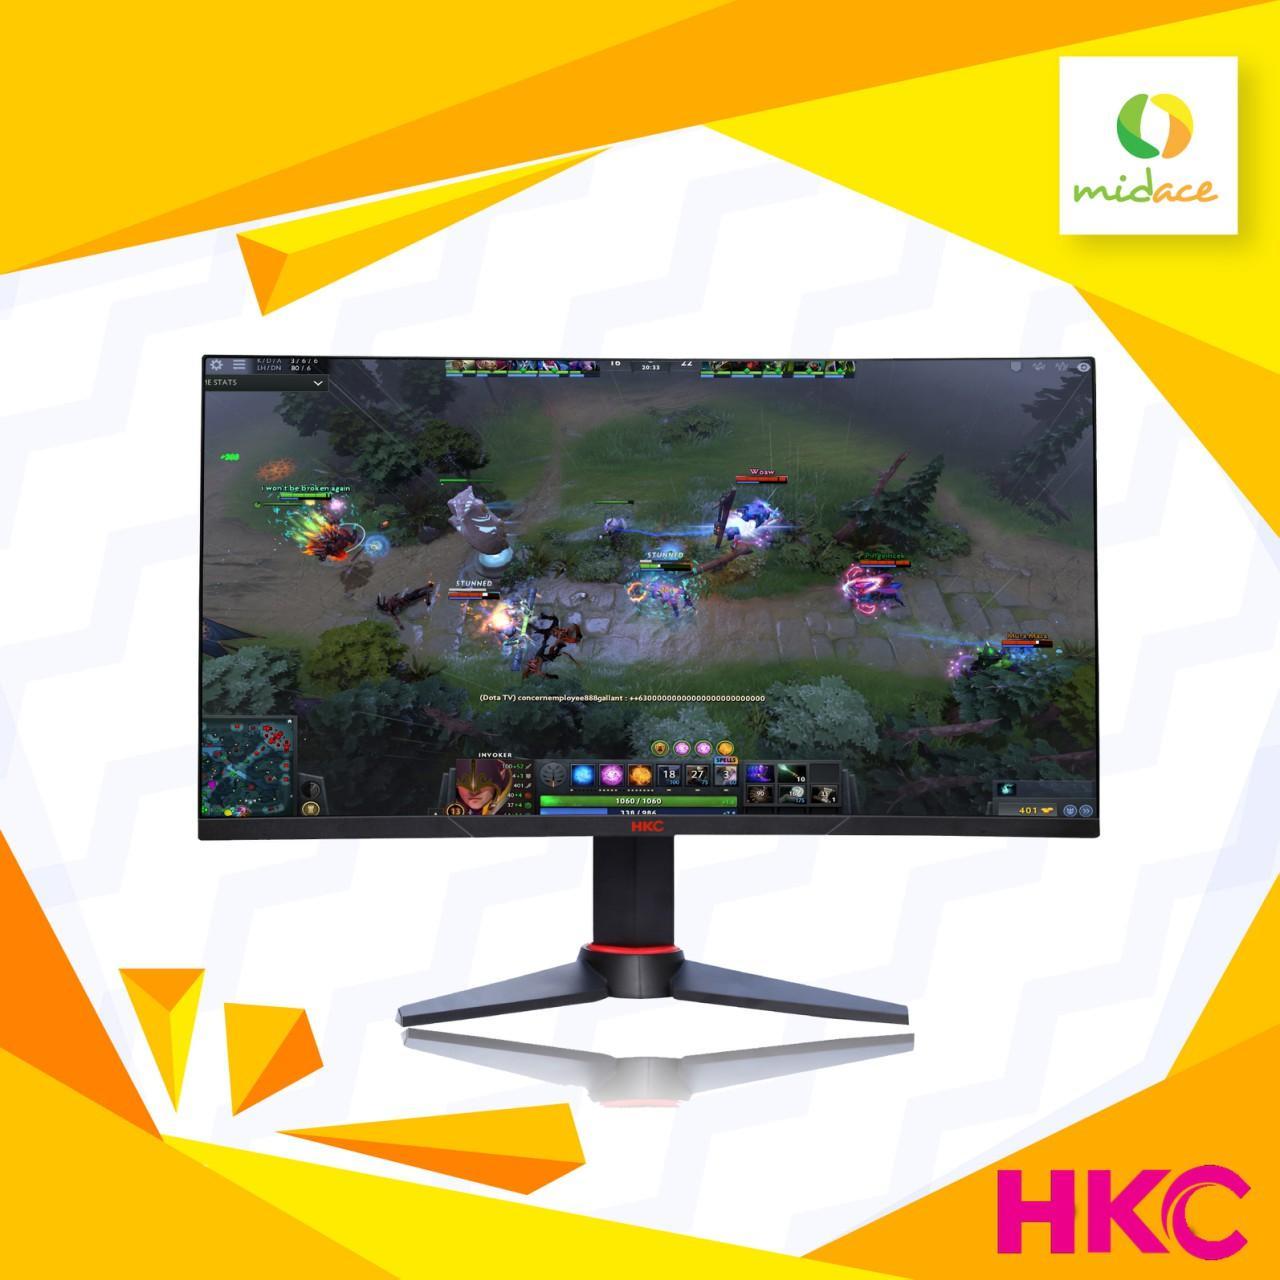 New HKC M27G1Q 27